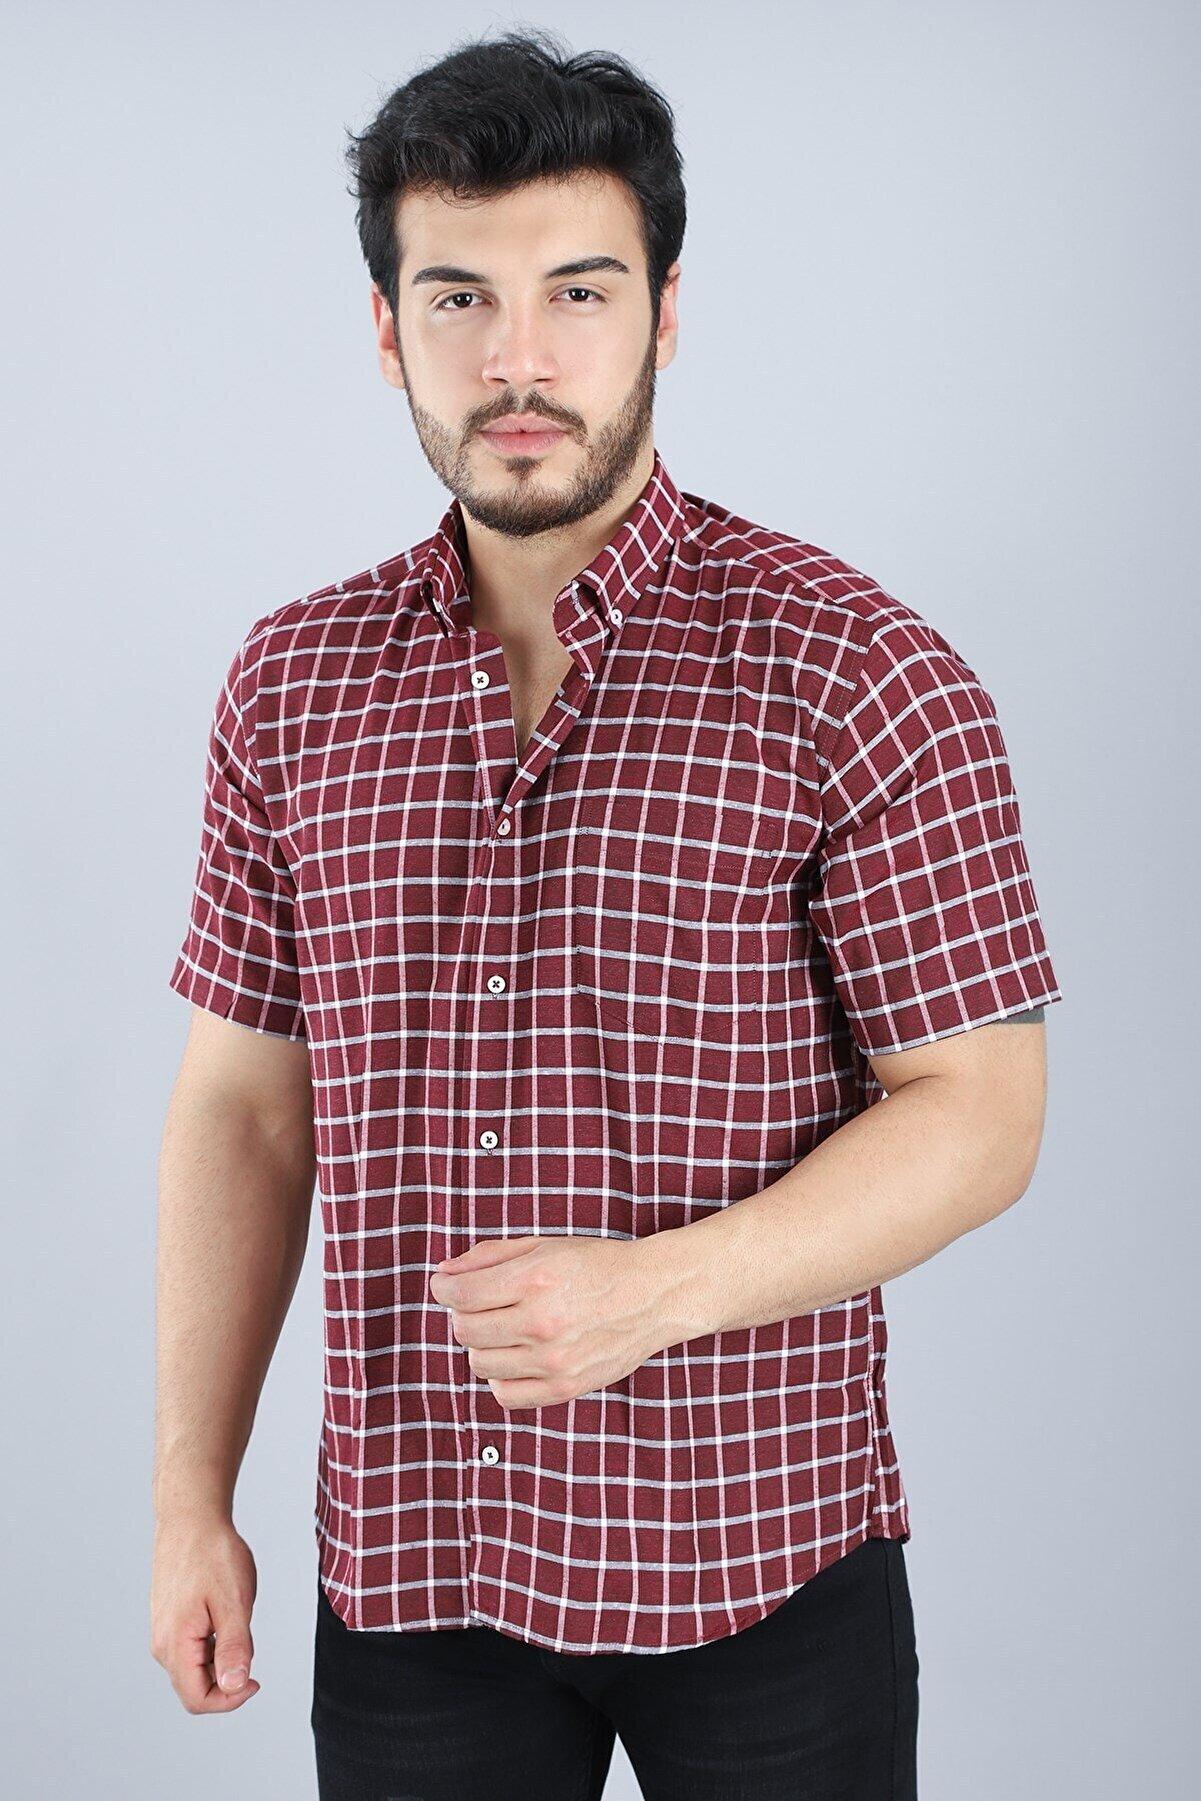 Arlin Erkek Cepli Düğmeli Normal Kalıp Kısa Kollu Bordo Kısa Kol Gömlek